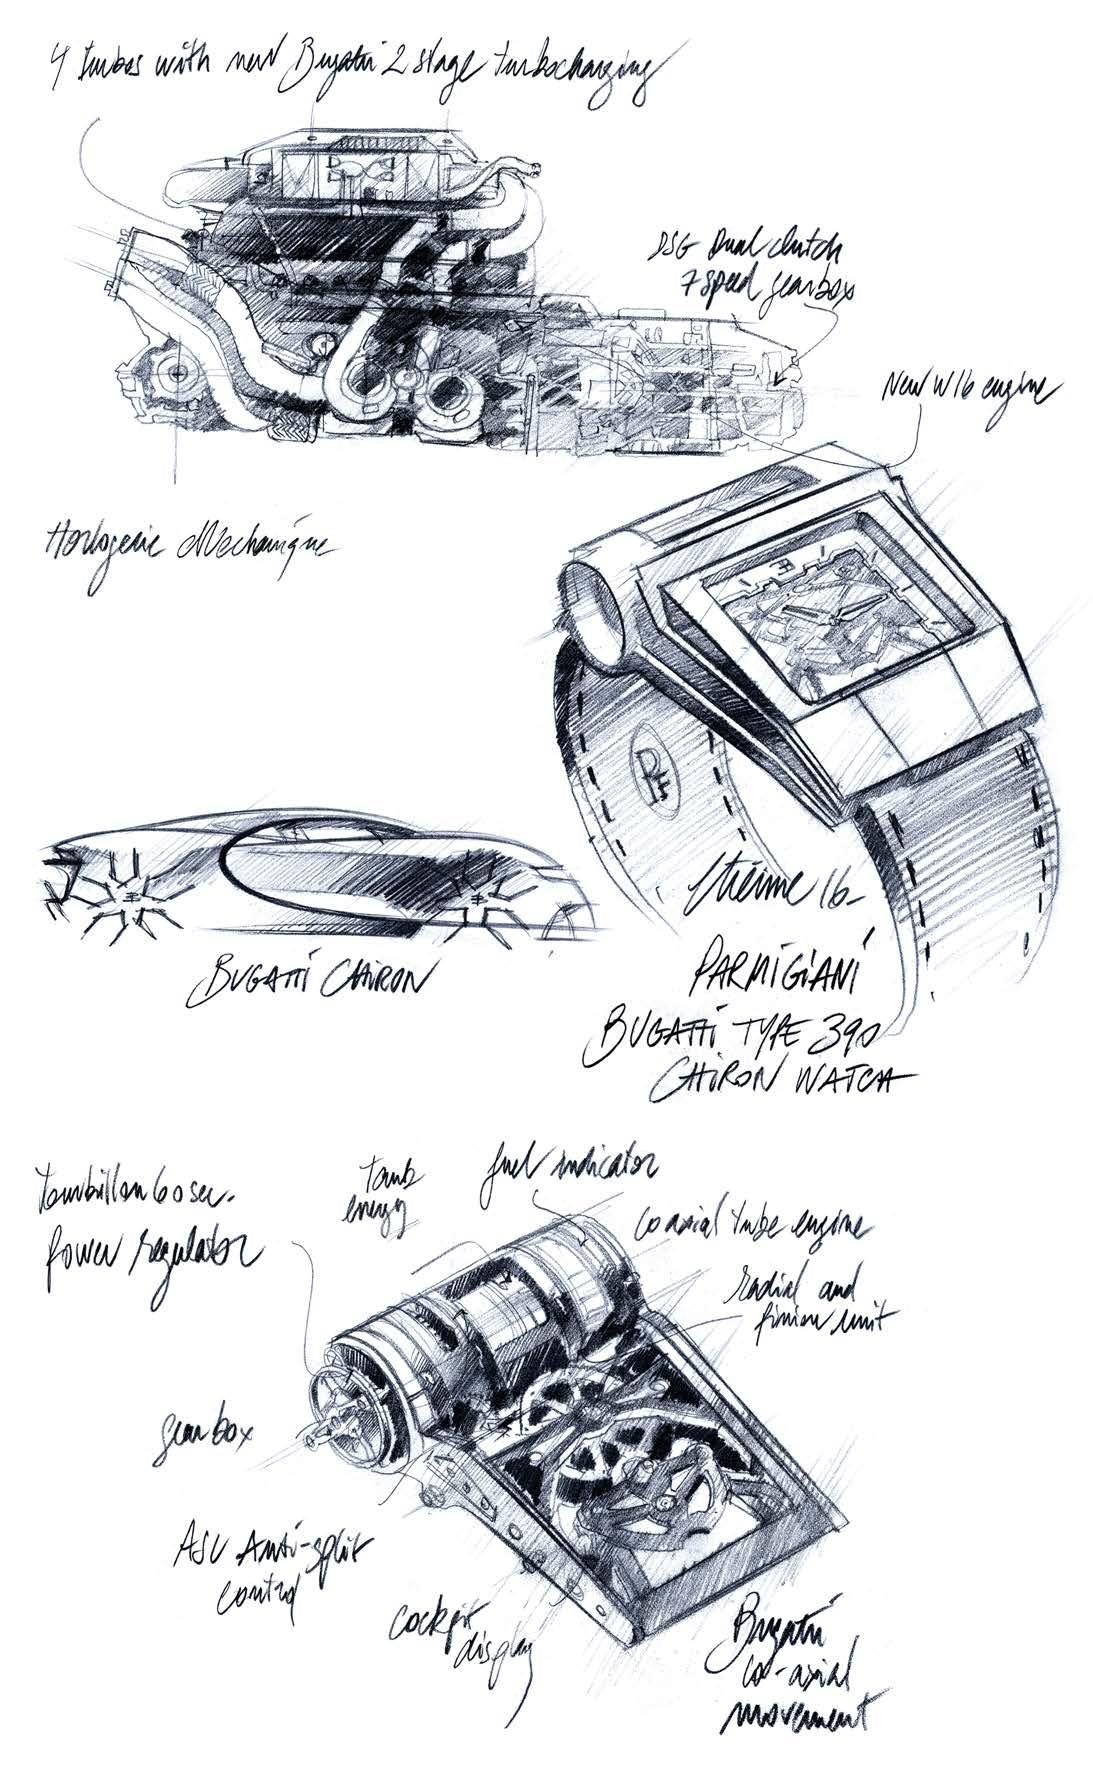 PF-Bugatti 390 Concept Watch